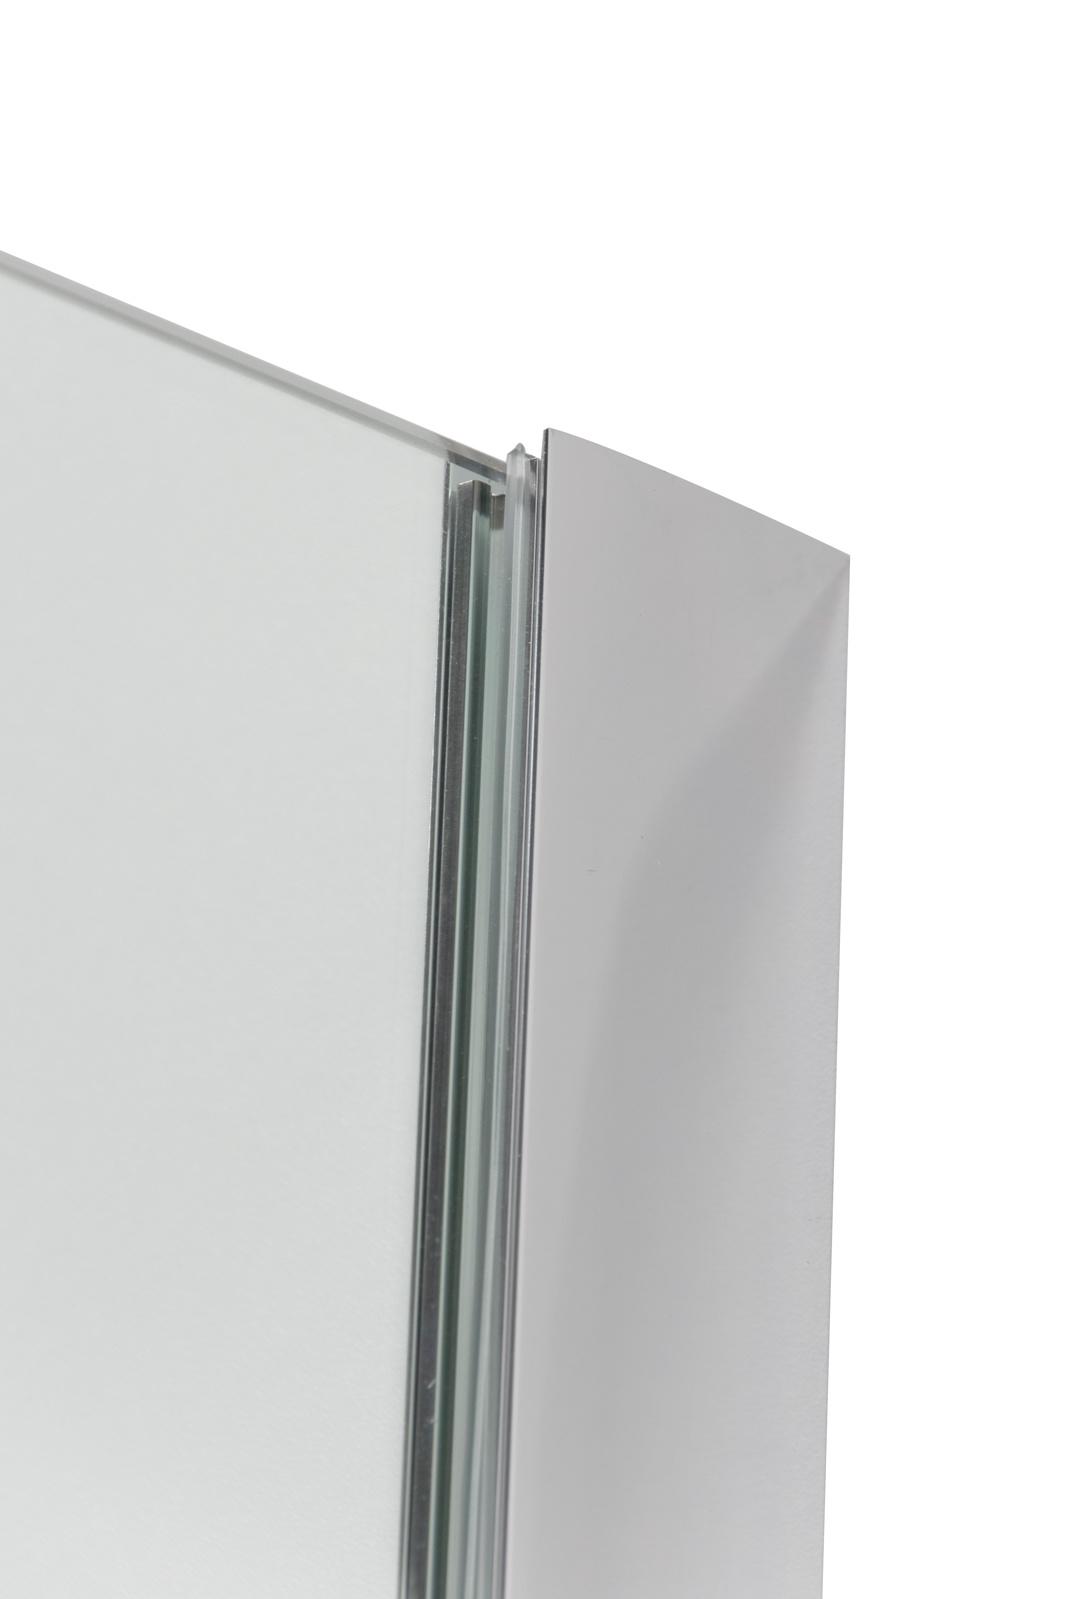 Inloopdouche Linea Uno 90 x 200 cm